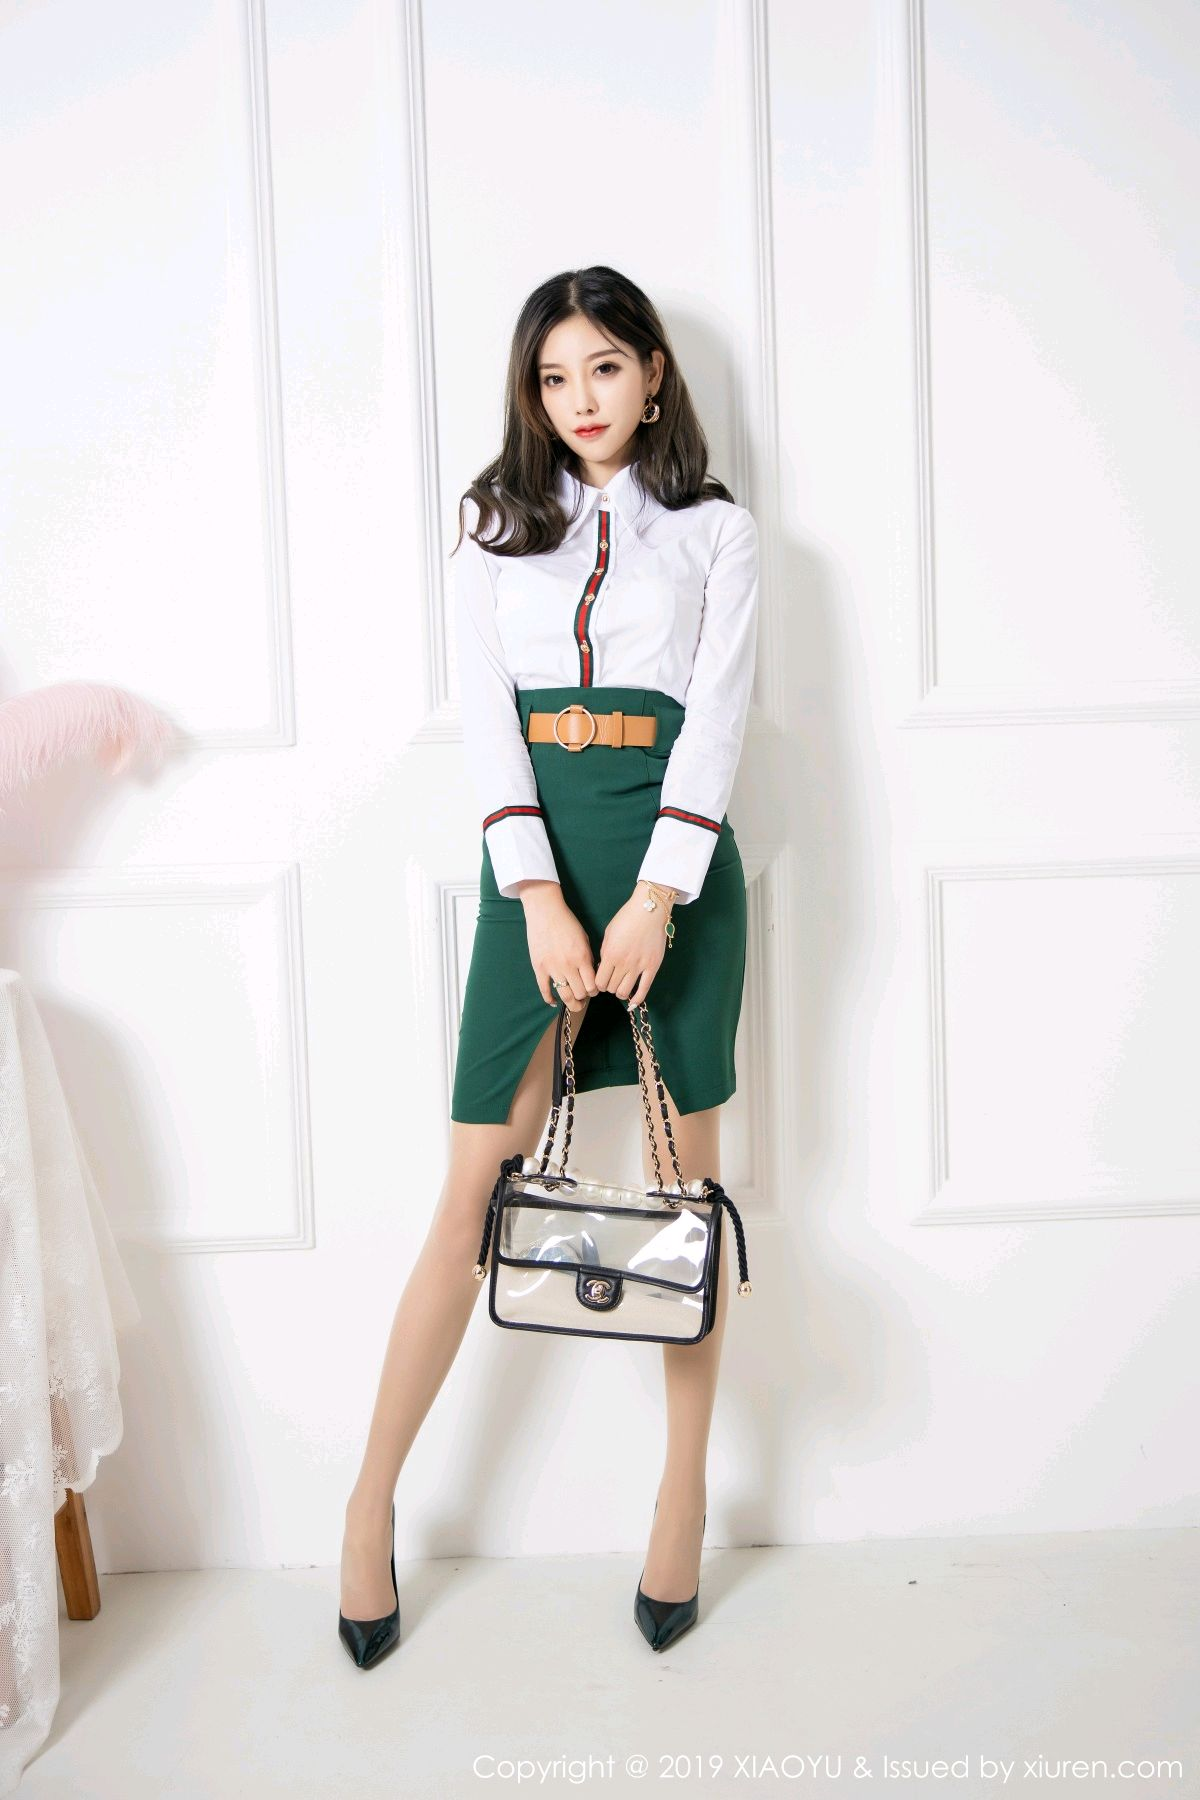 [XiaoYu] Vol.148 Yang Chen Chen 3P, Black Silk, XiaoYu, Yang Chen Chen